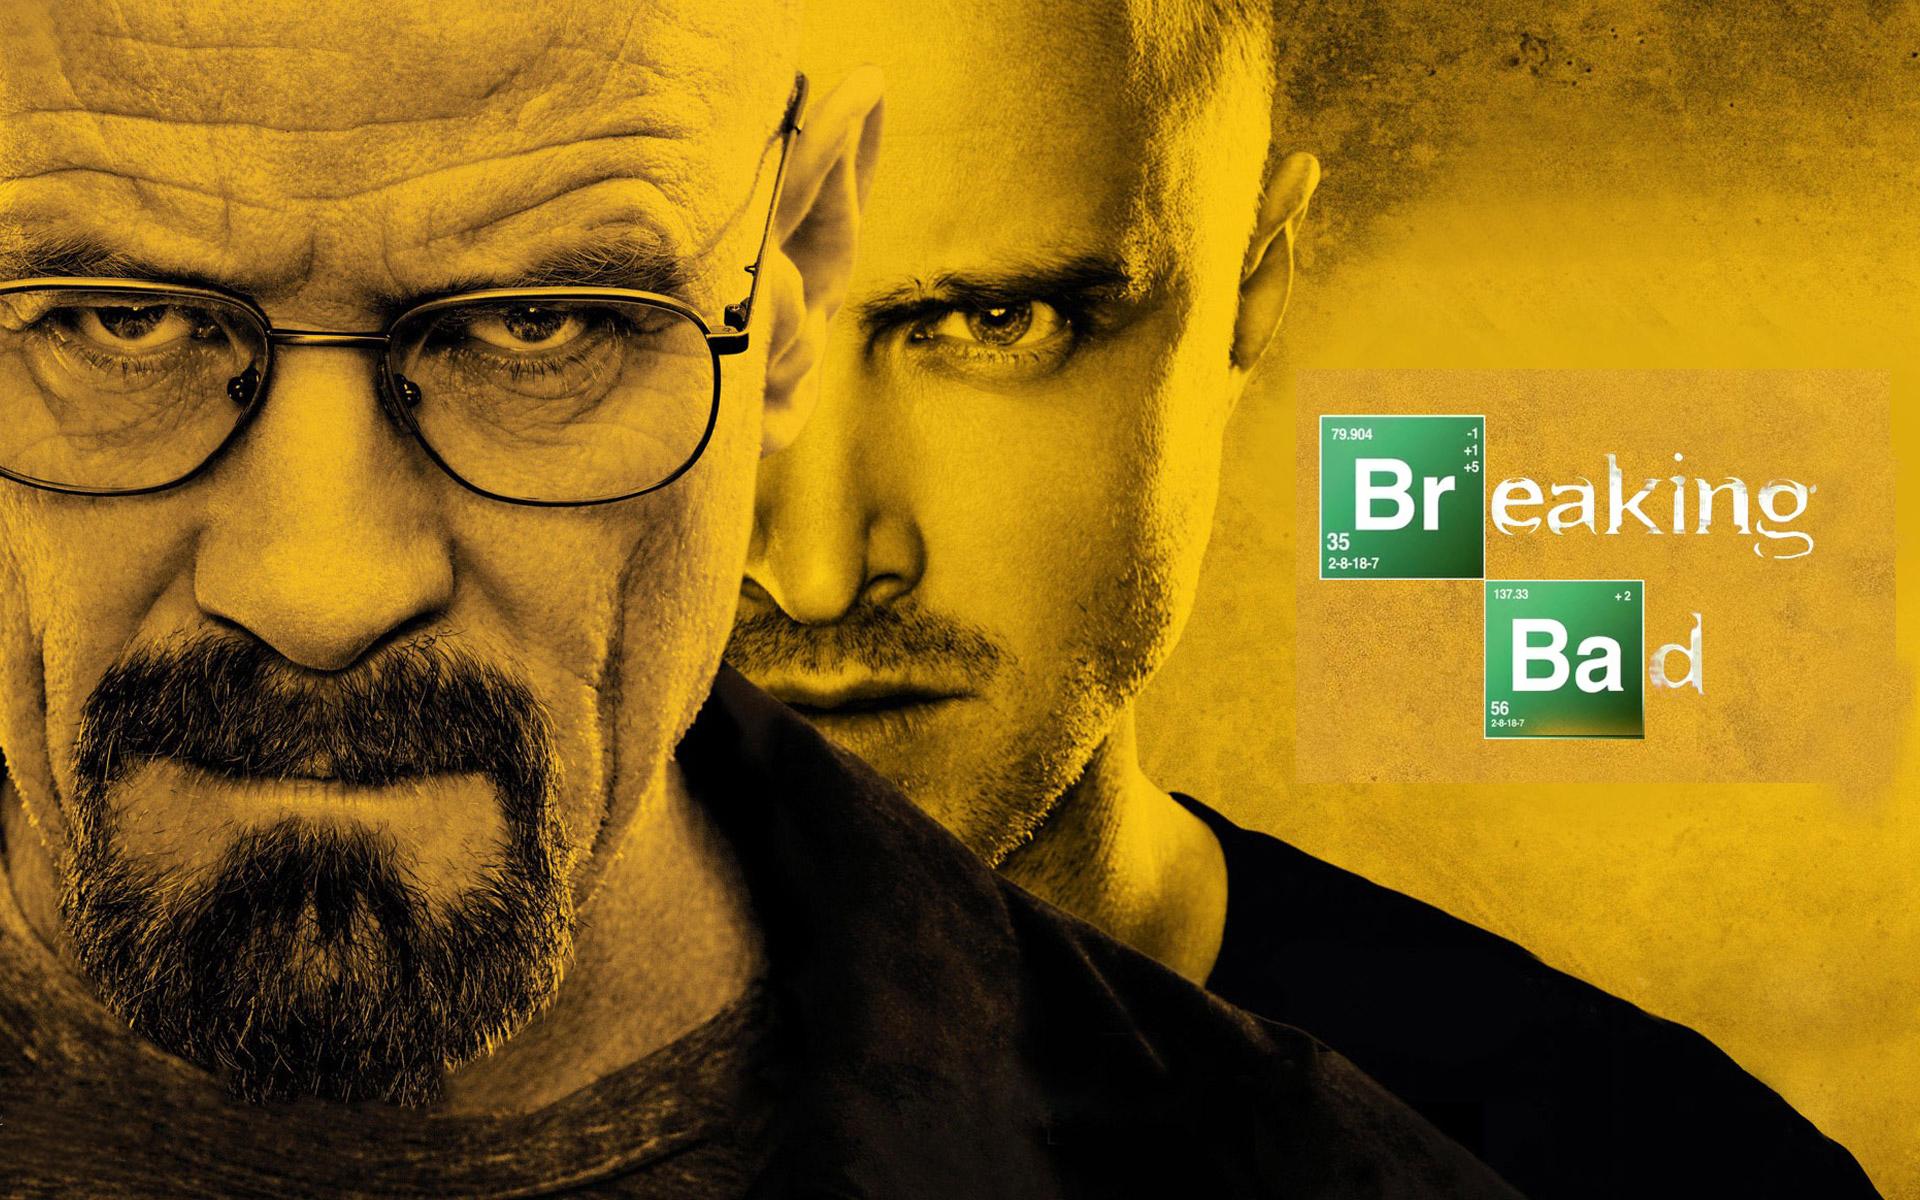 Breaking Bad: Criminal Elements, un jeu à venir pour affronter Walter White